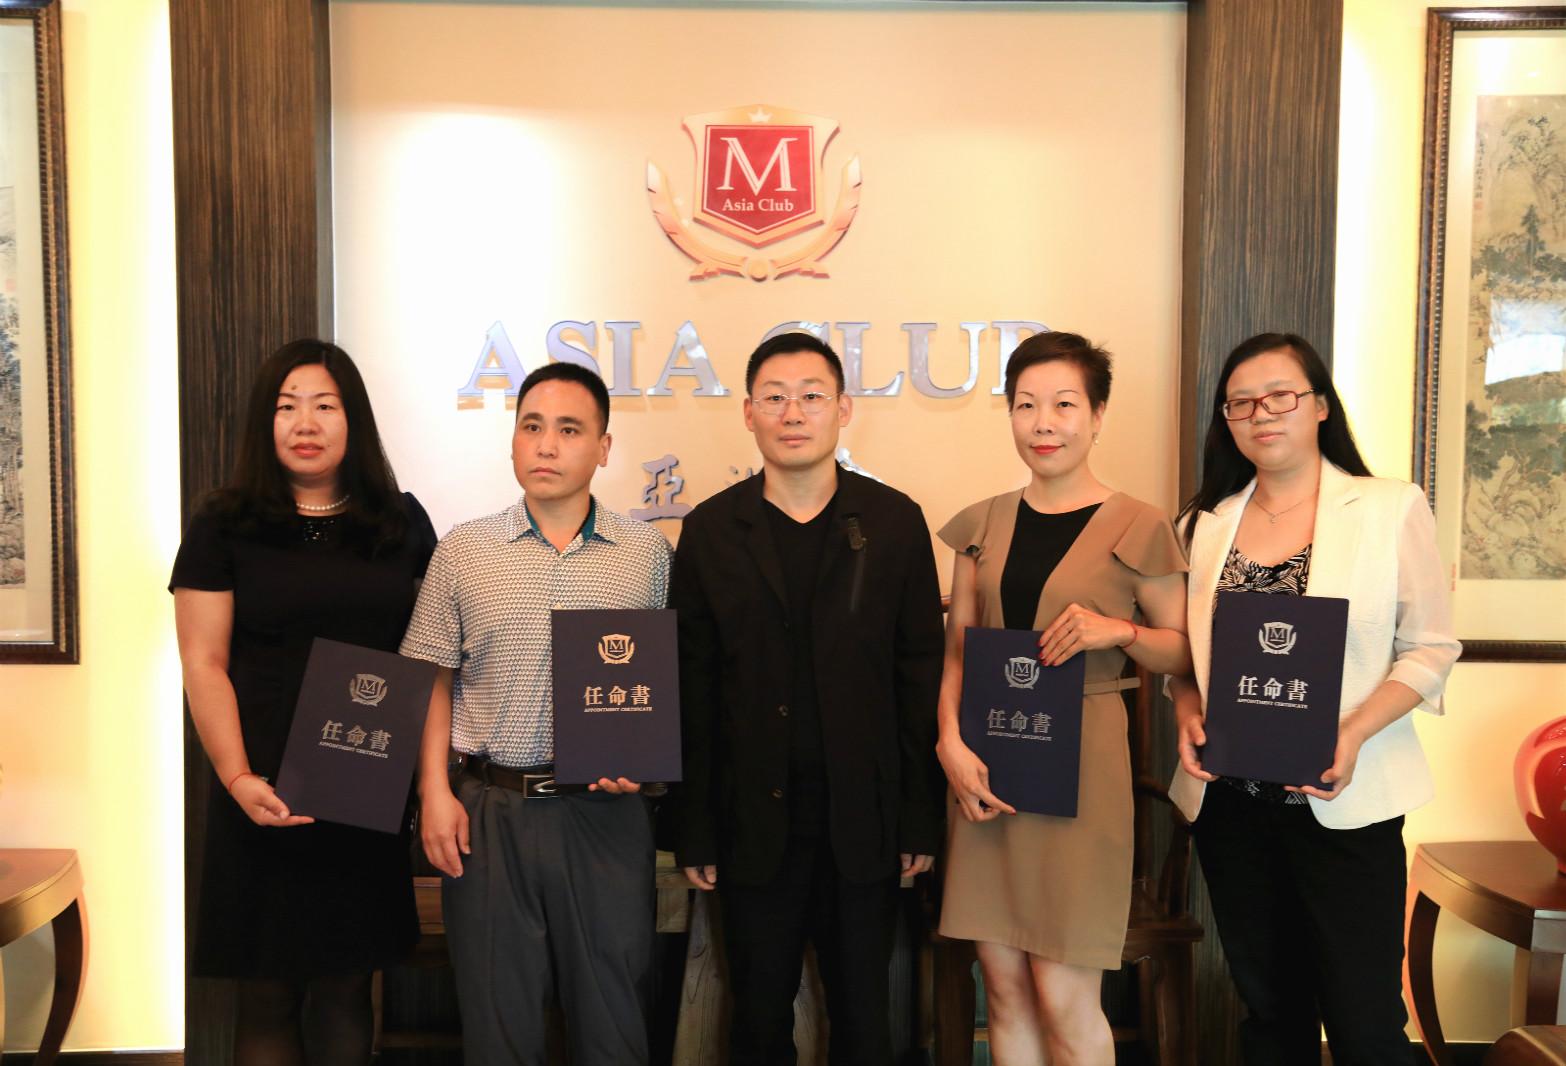 第12届亚洲品牌盛典组委会举行相关领导任命书颁发仪式